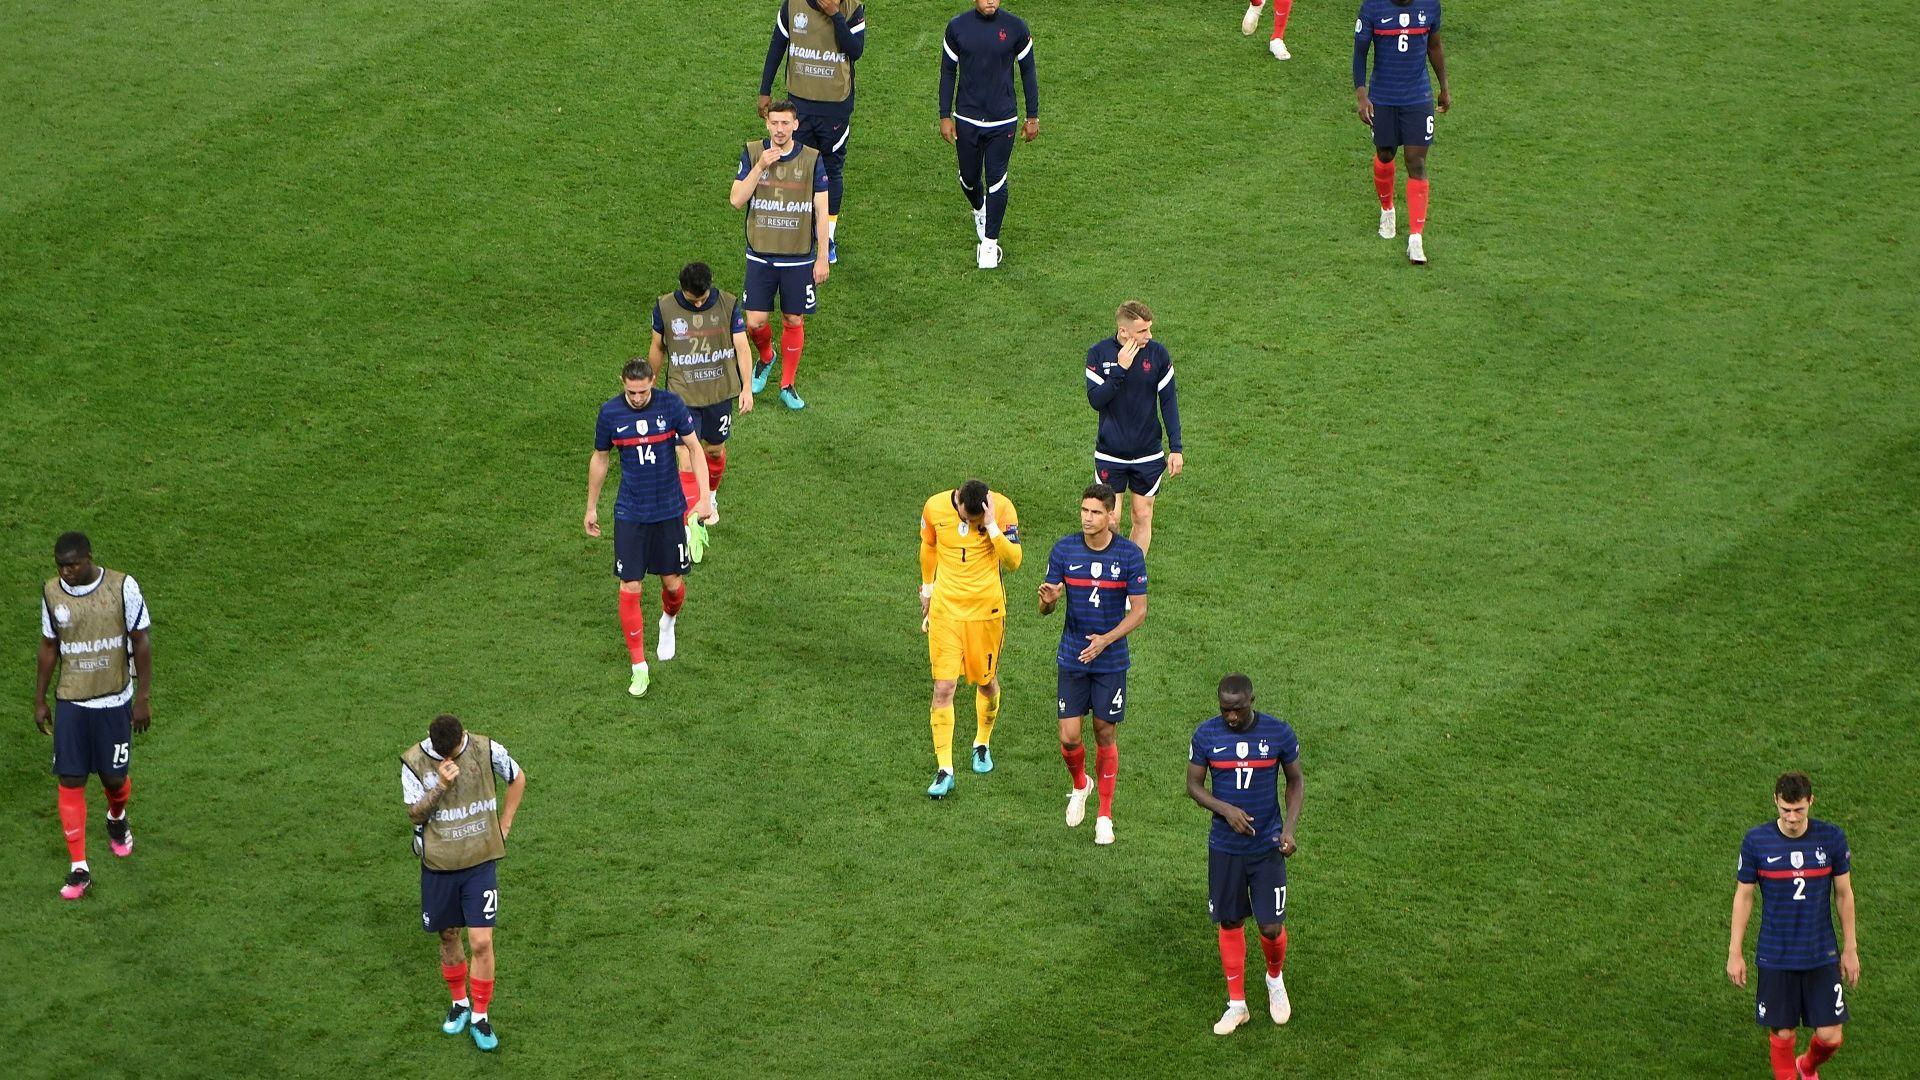 Причините за френския провал: Липса на дисциплина, семейни скандали и НБА цяла нощ